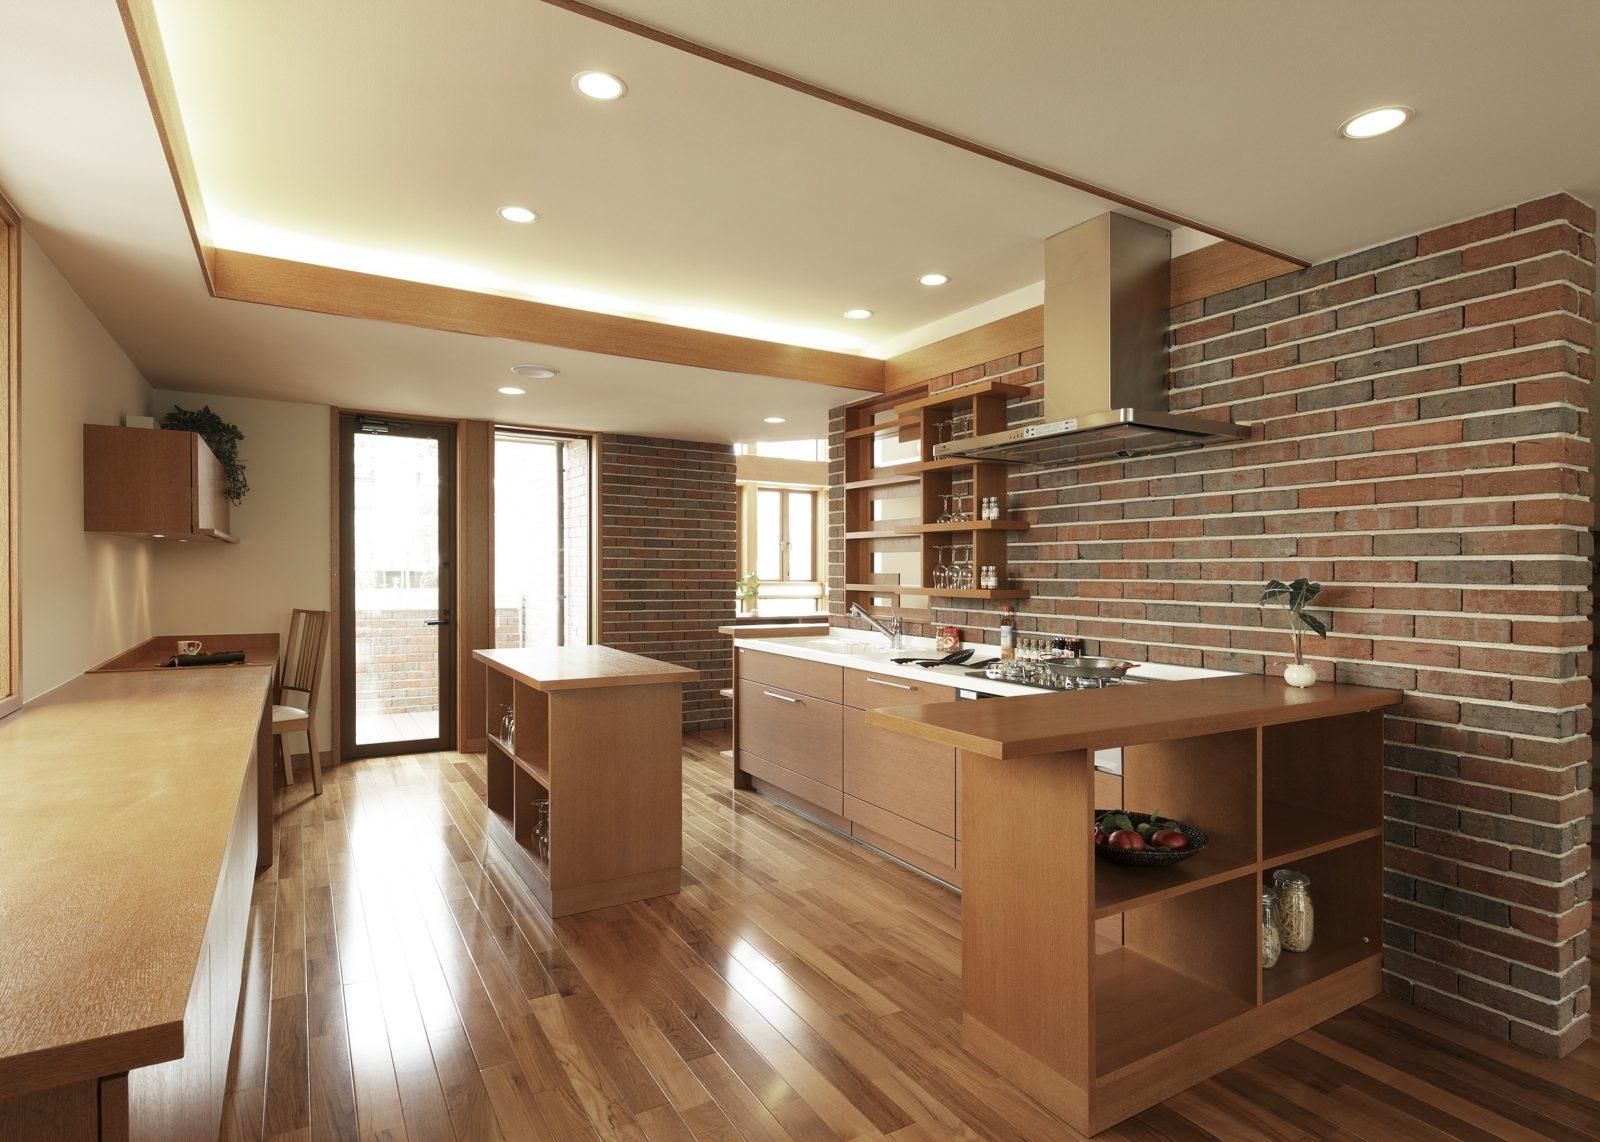 キッチン・センター作業台(キーストーン)オーガニックハウス北九州